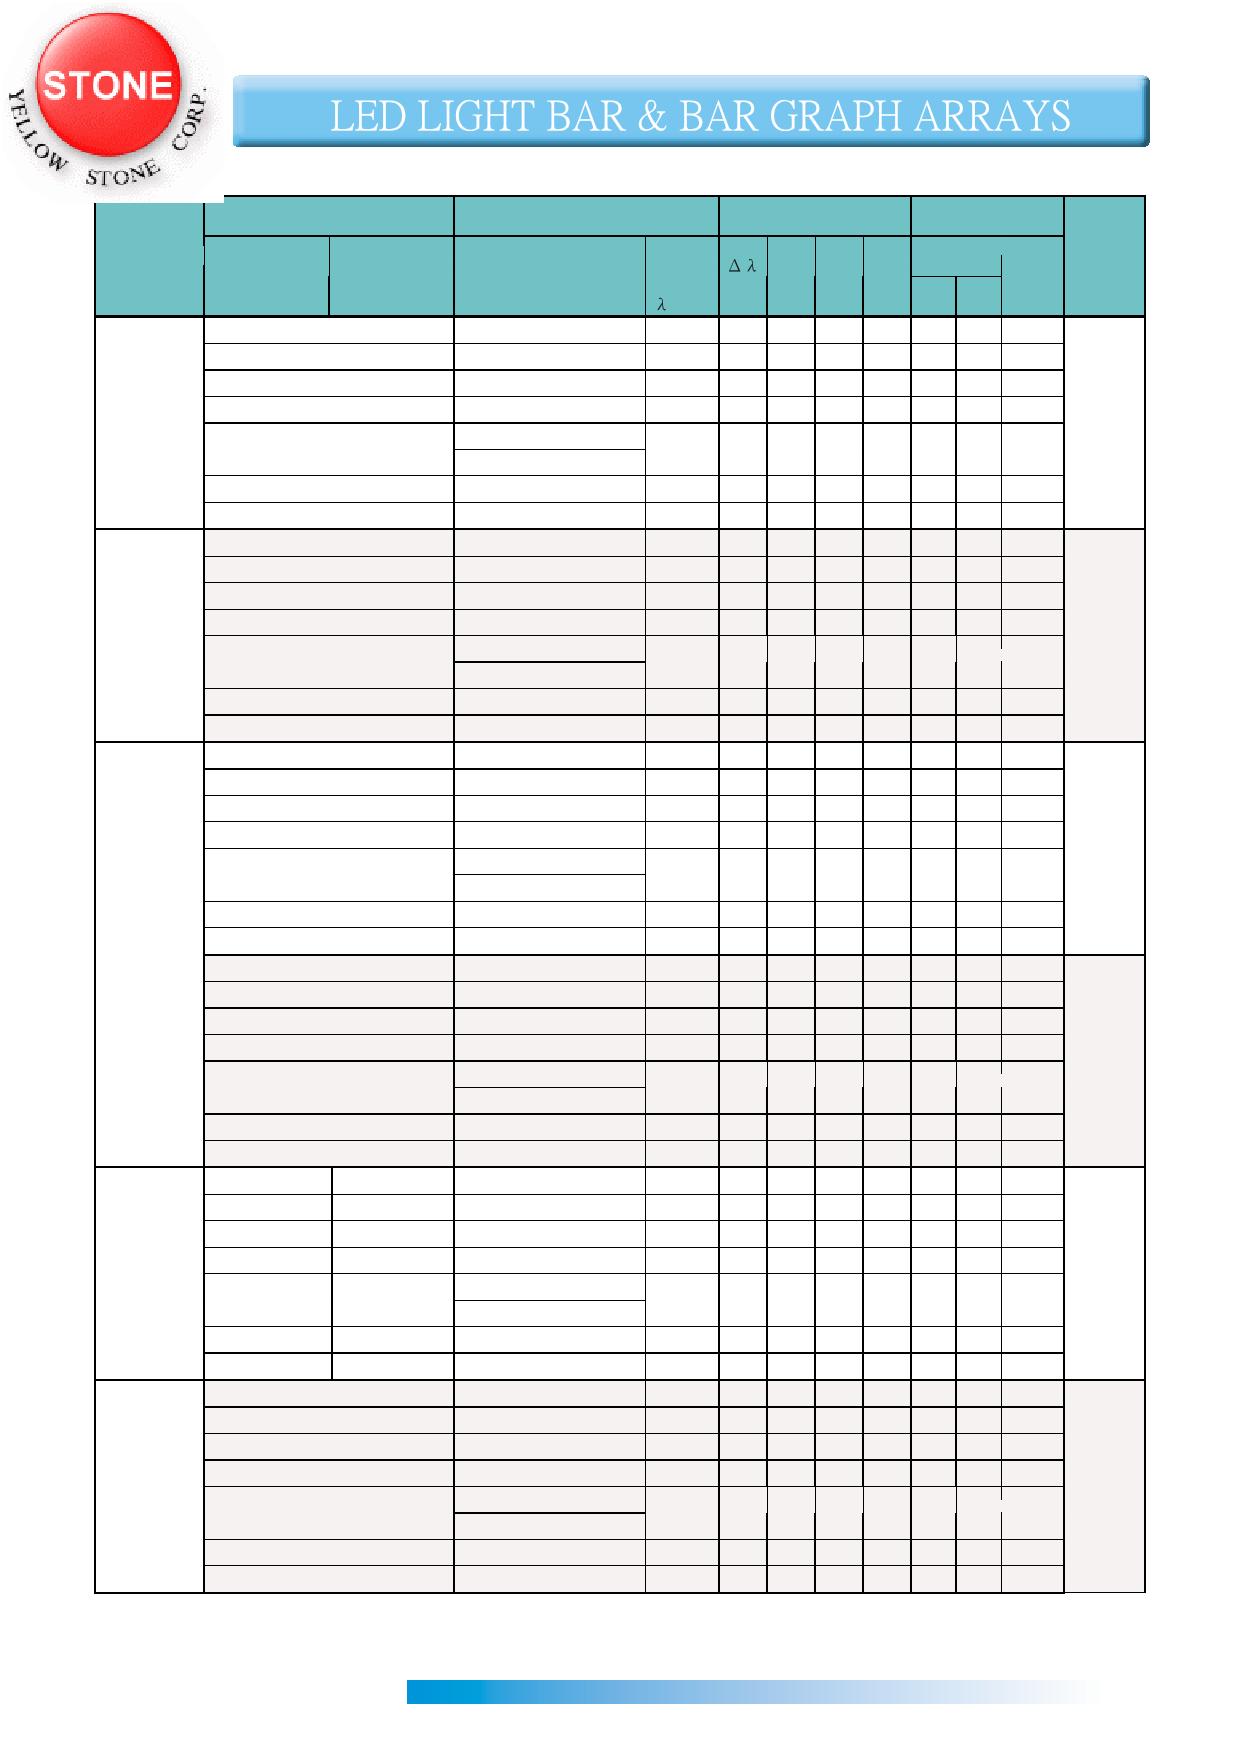 BA-9Y4CD datasheet